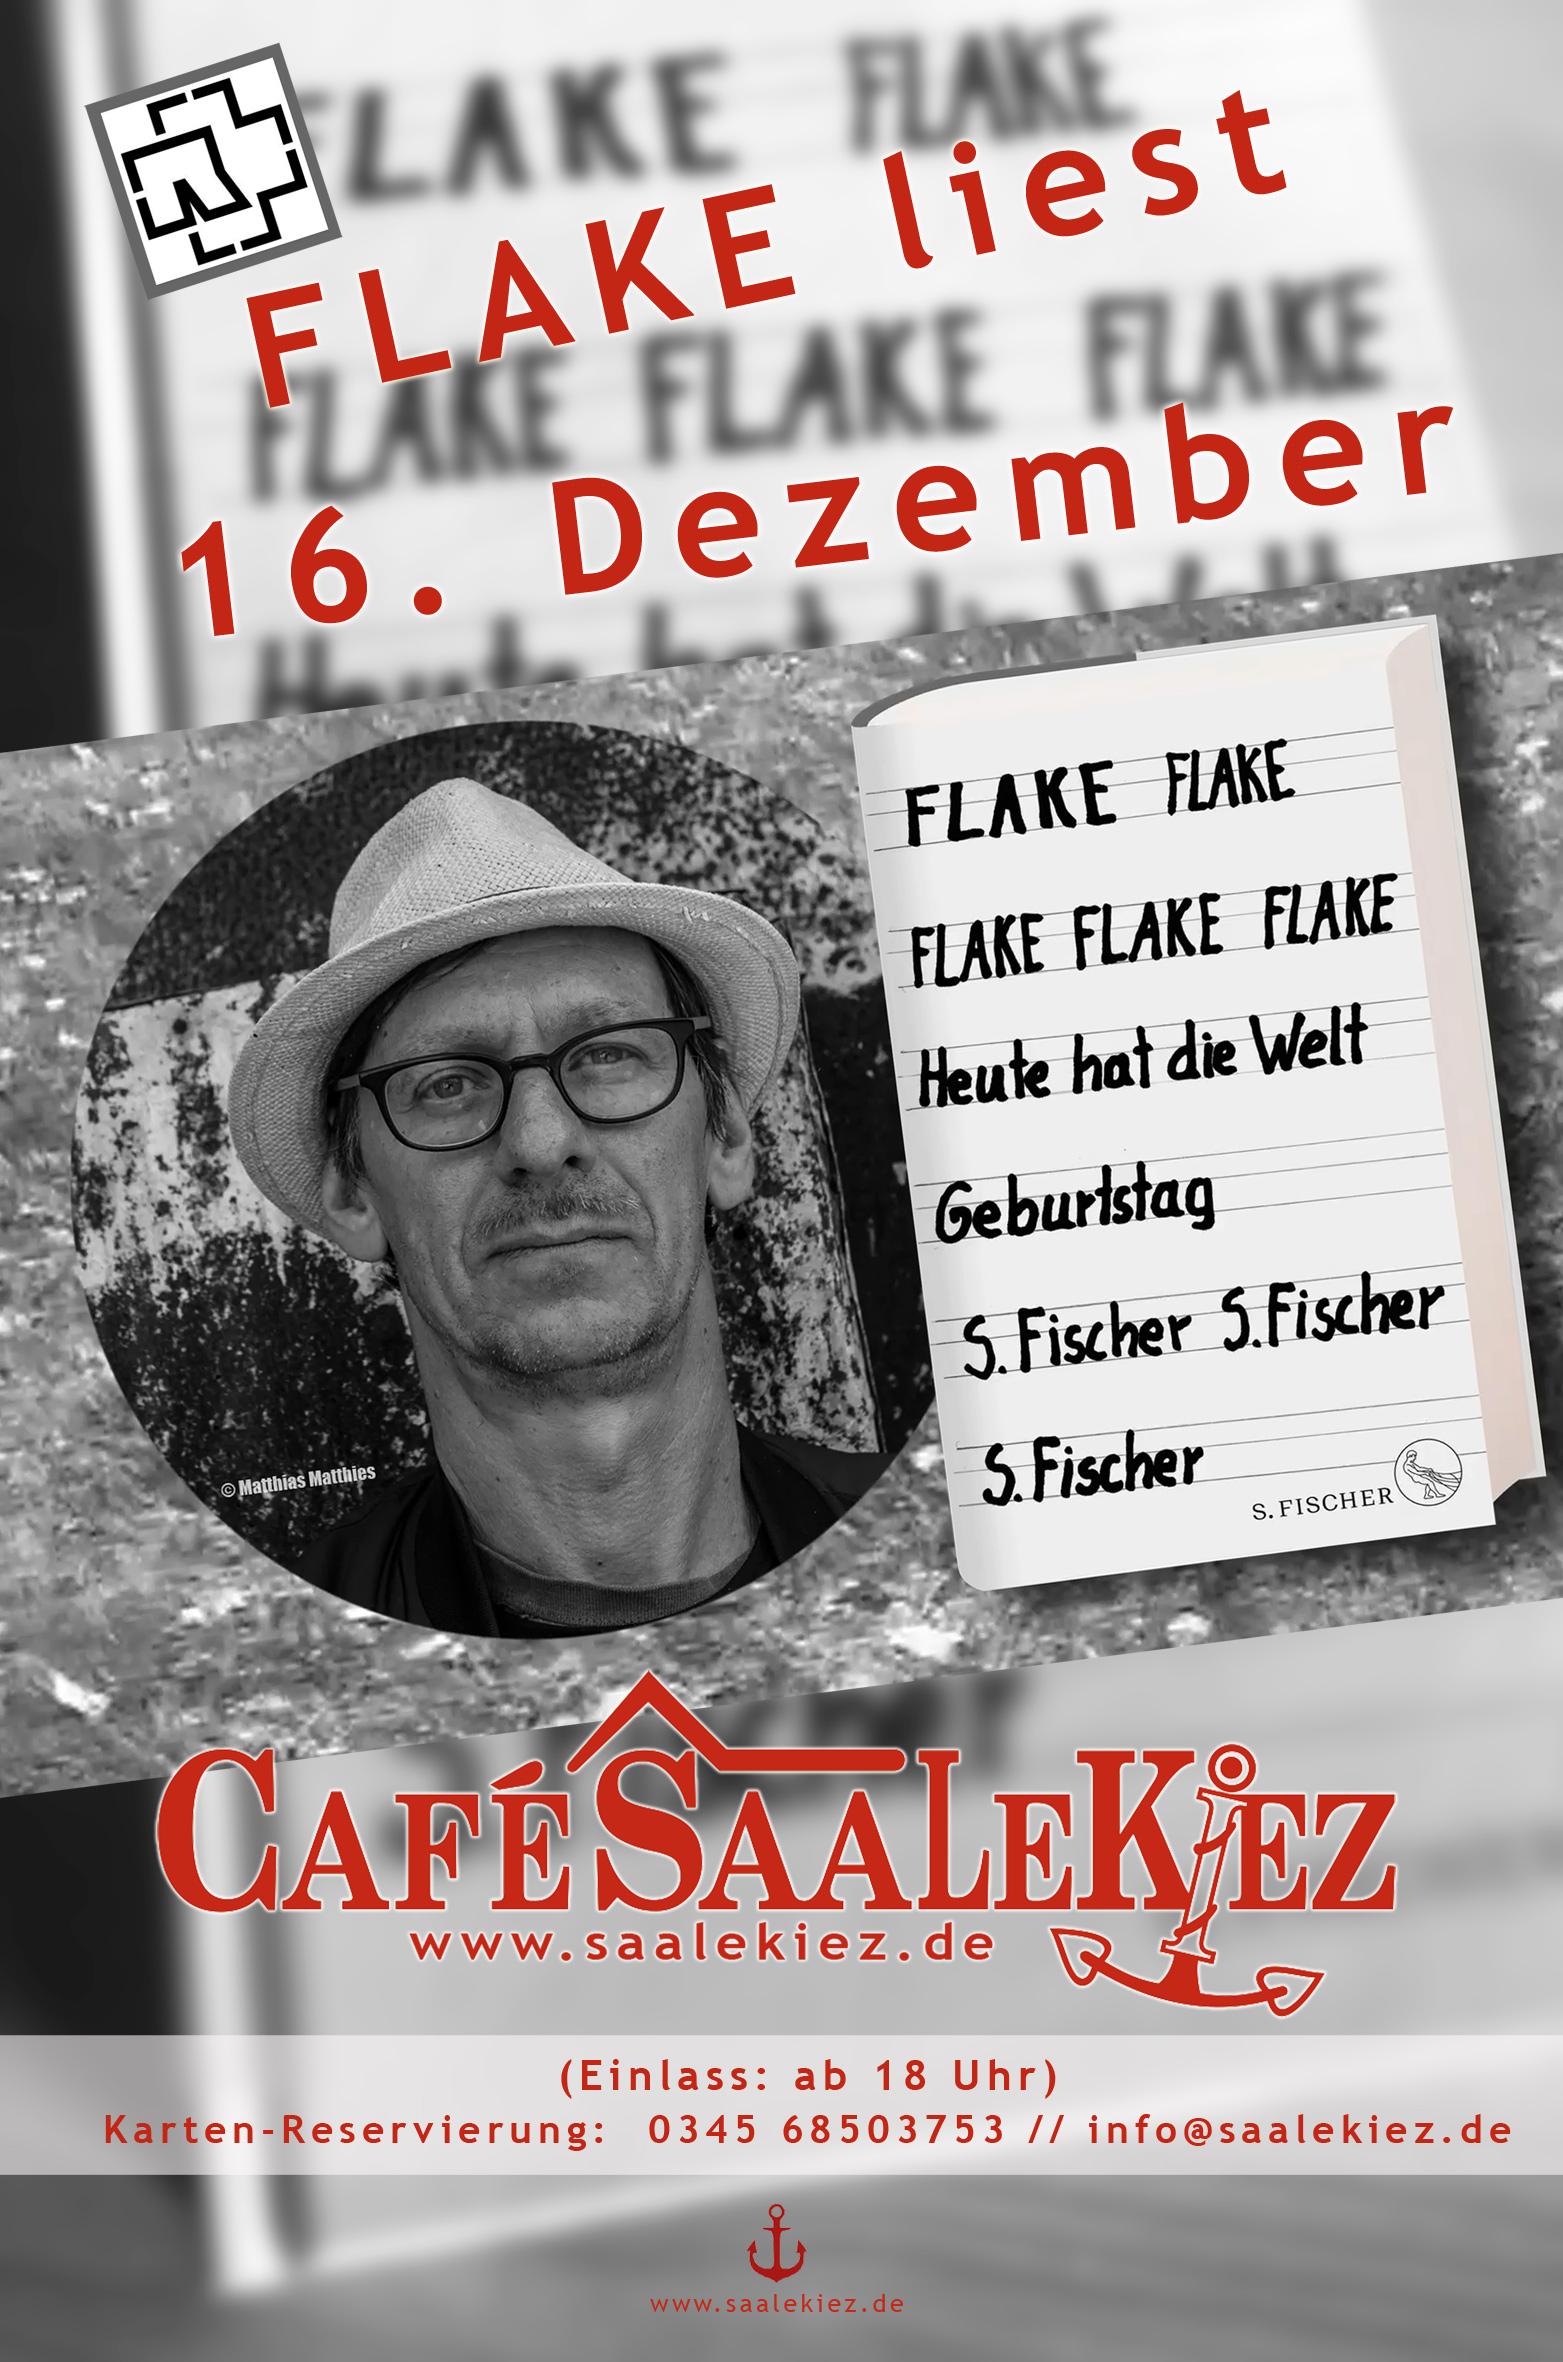 FLAKE liest - Café Saalekiez